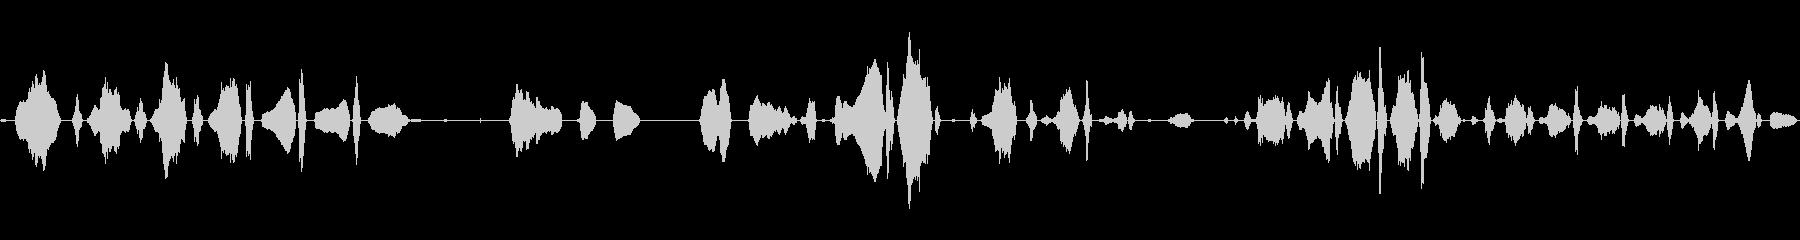 あかちゃん(生後0日)の泣き声2の未再生の波形